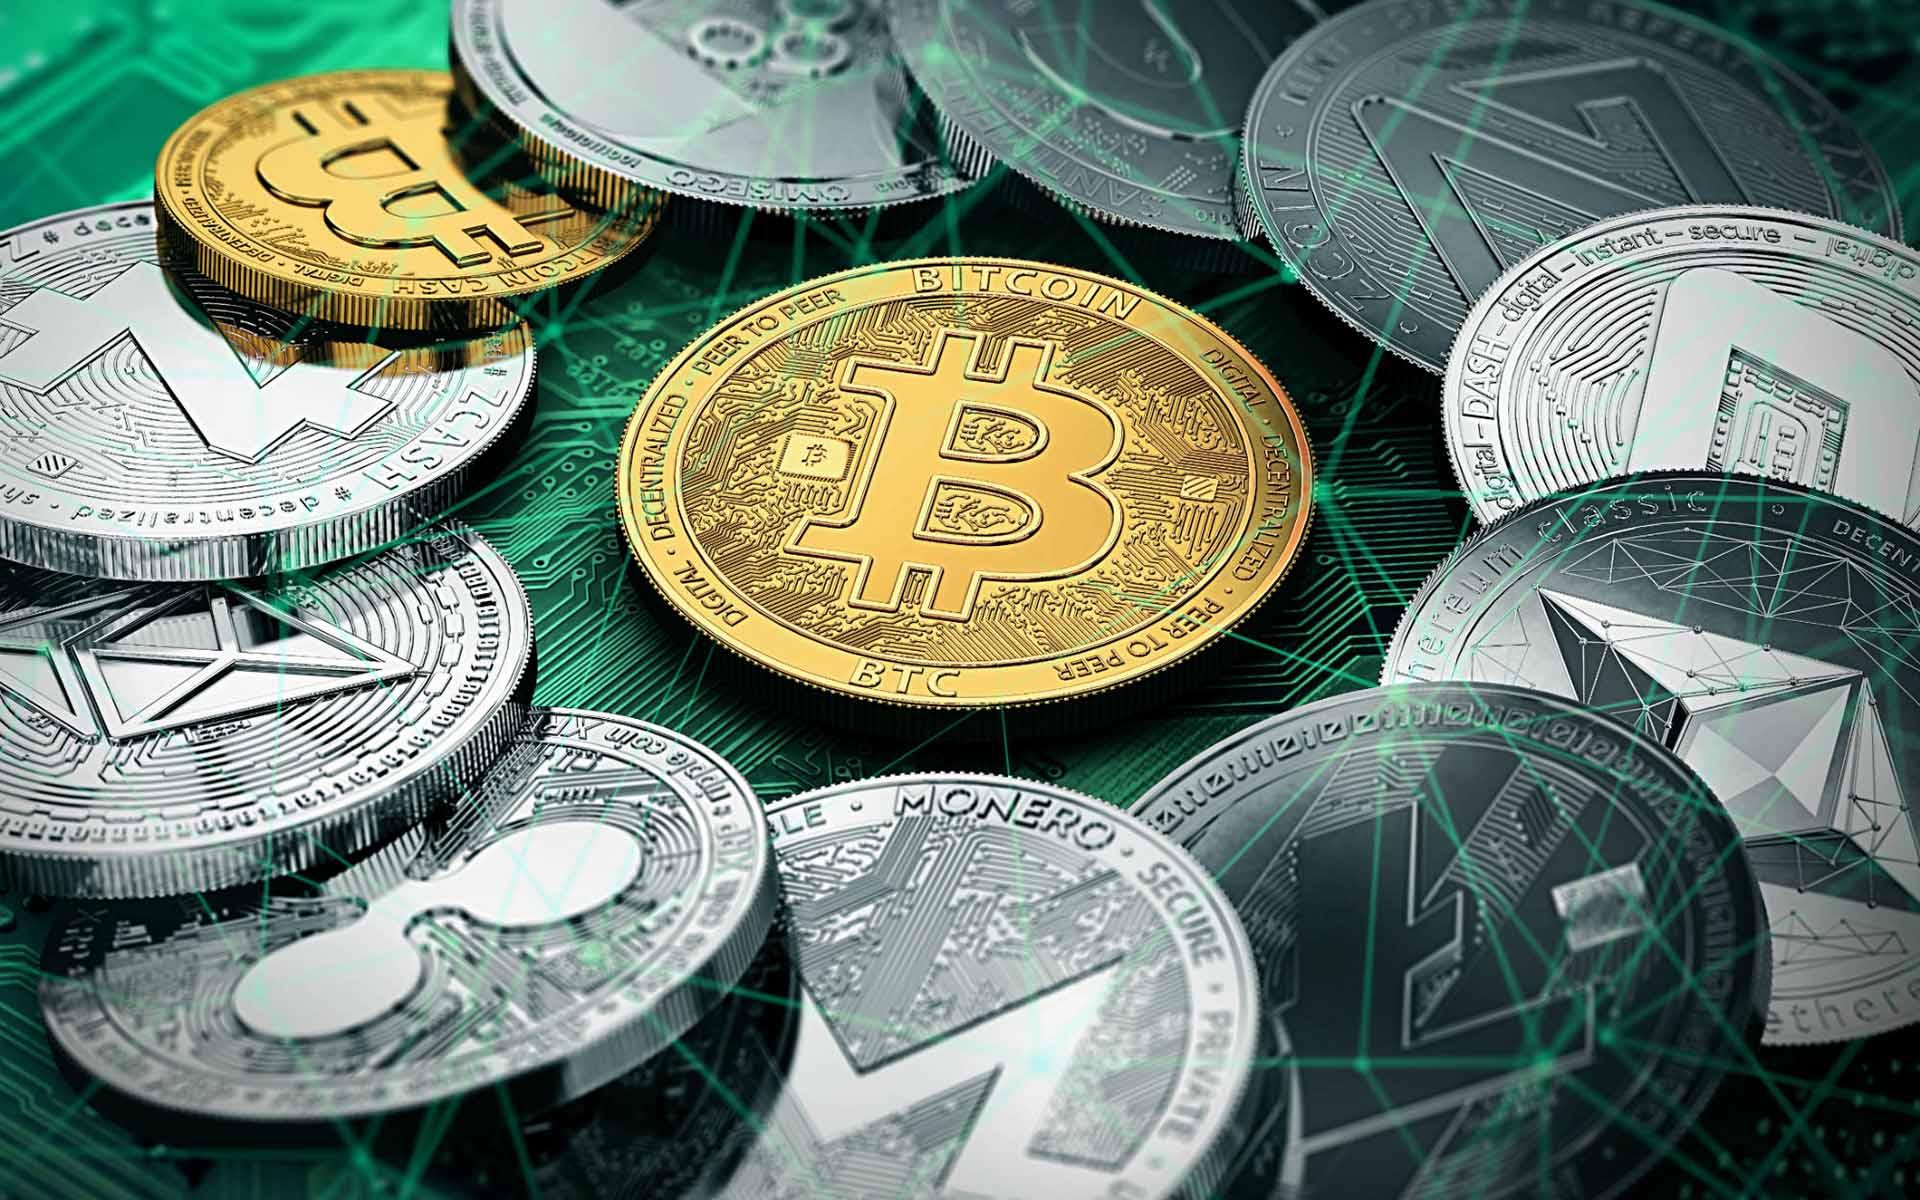 altcoins-mercado-capitalizacion-criptoactivos-coinmarketcap